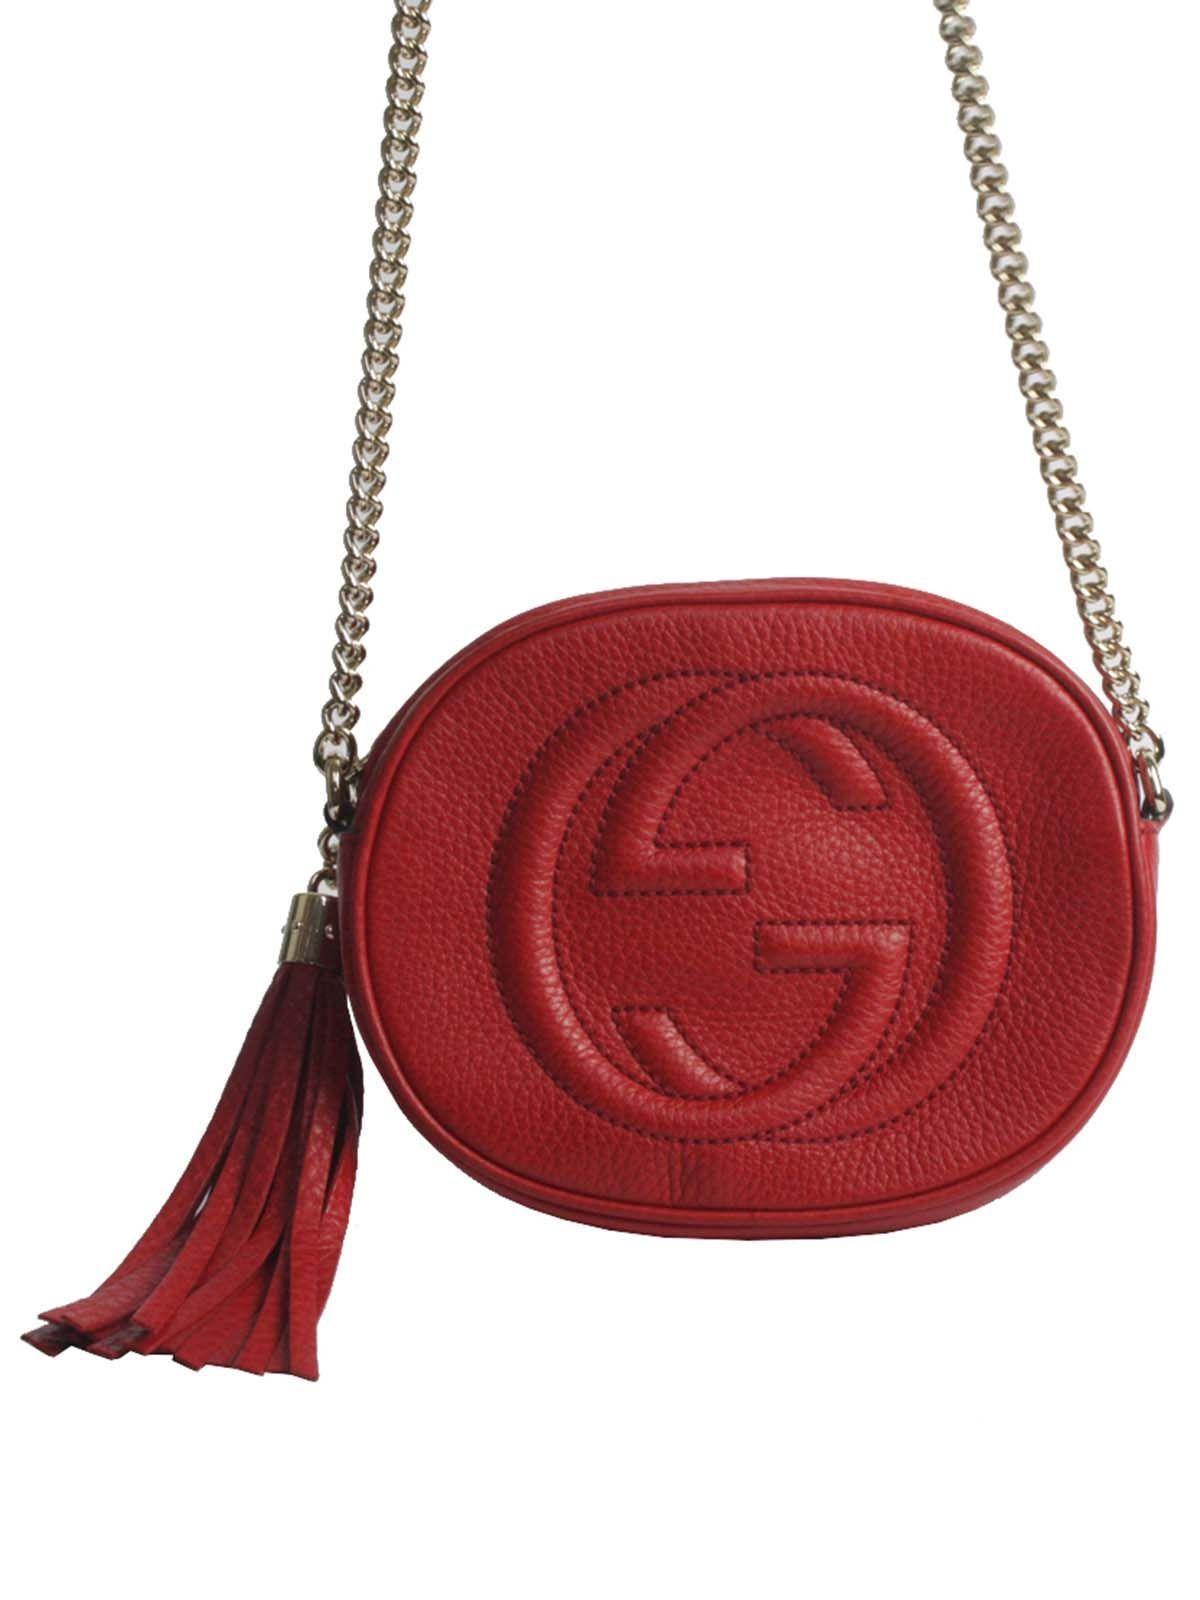 722309a23 Bolsa da marca italiana Gucci, confeccionada em couro vermelho e ferragens  e corrente em dourado. A bolsa encontra-se em perfeito estado de  conservação.